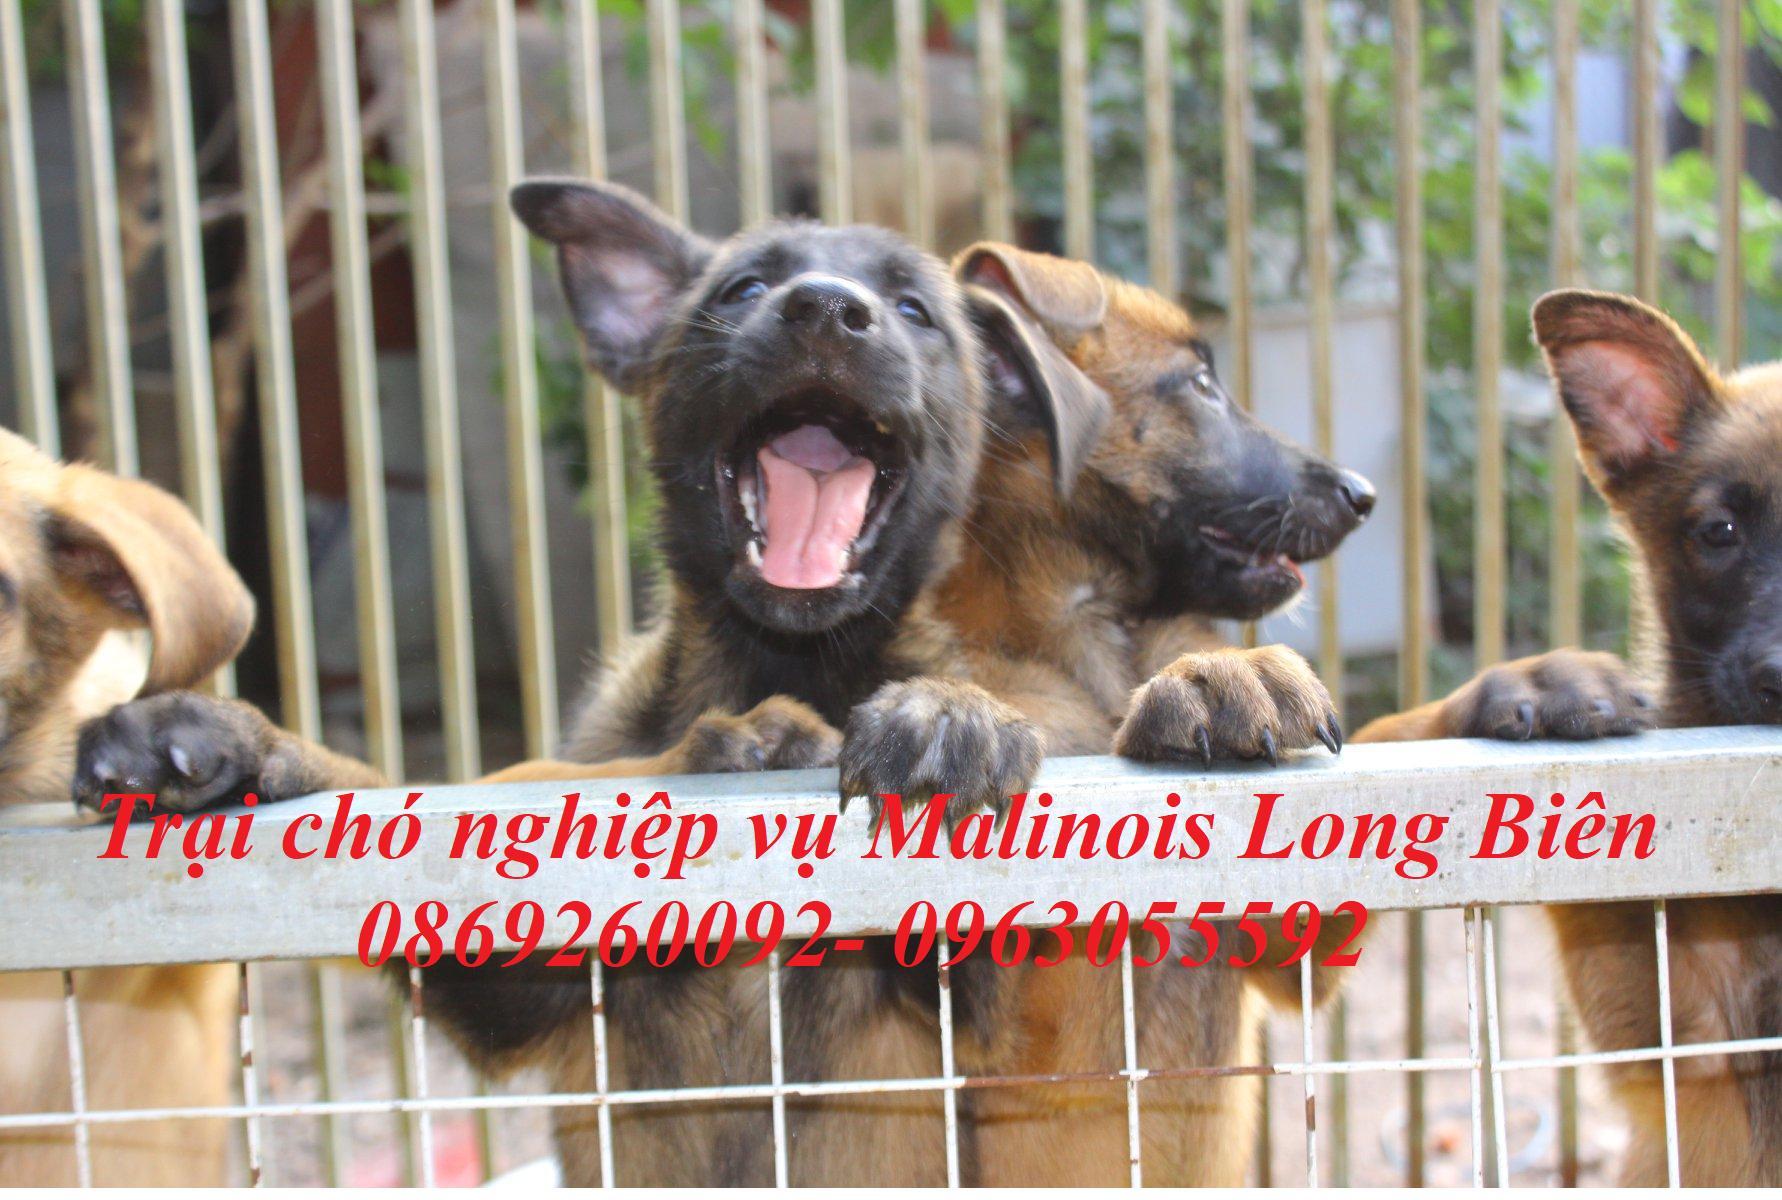 Chó belgian malinois đang ngày được ưa chuộng khắp nơi trên thế giới.